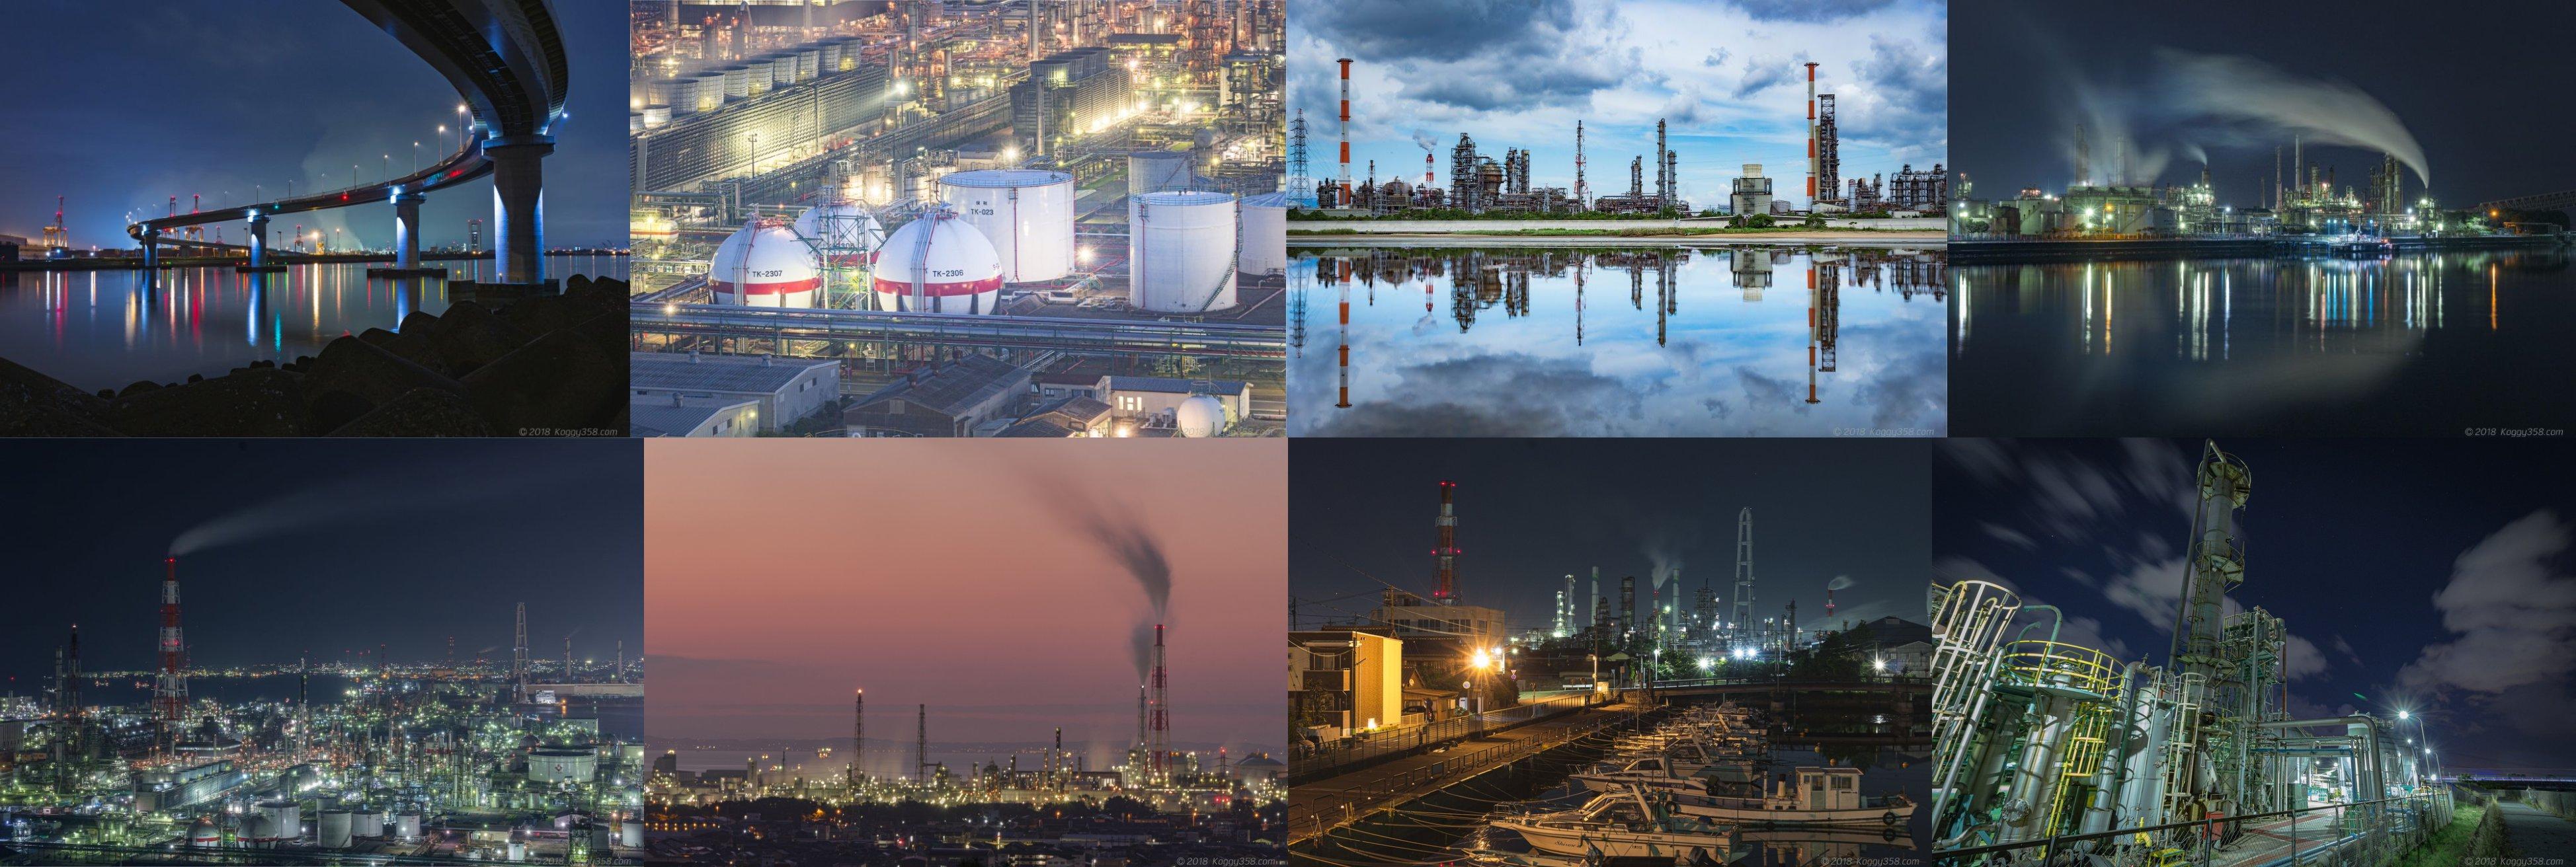 四日市の工場夜景おすすめ撮影スポット7選【撮影時間や雰囲気・特徴を比較】